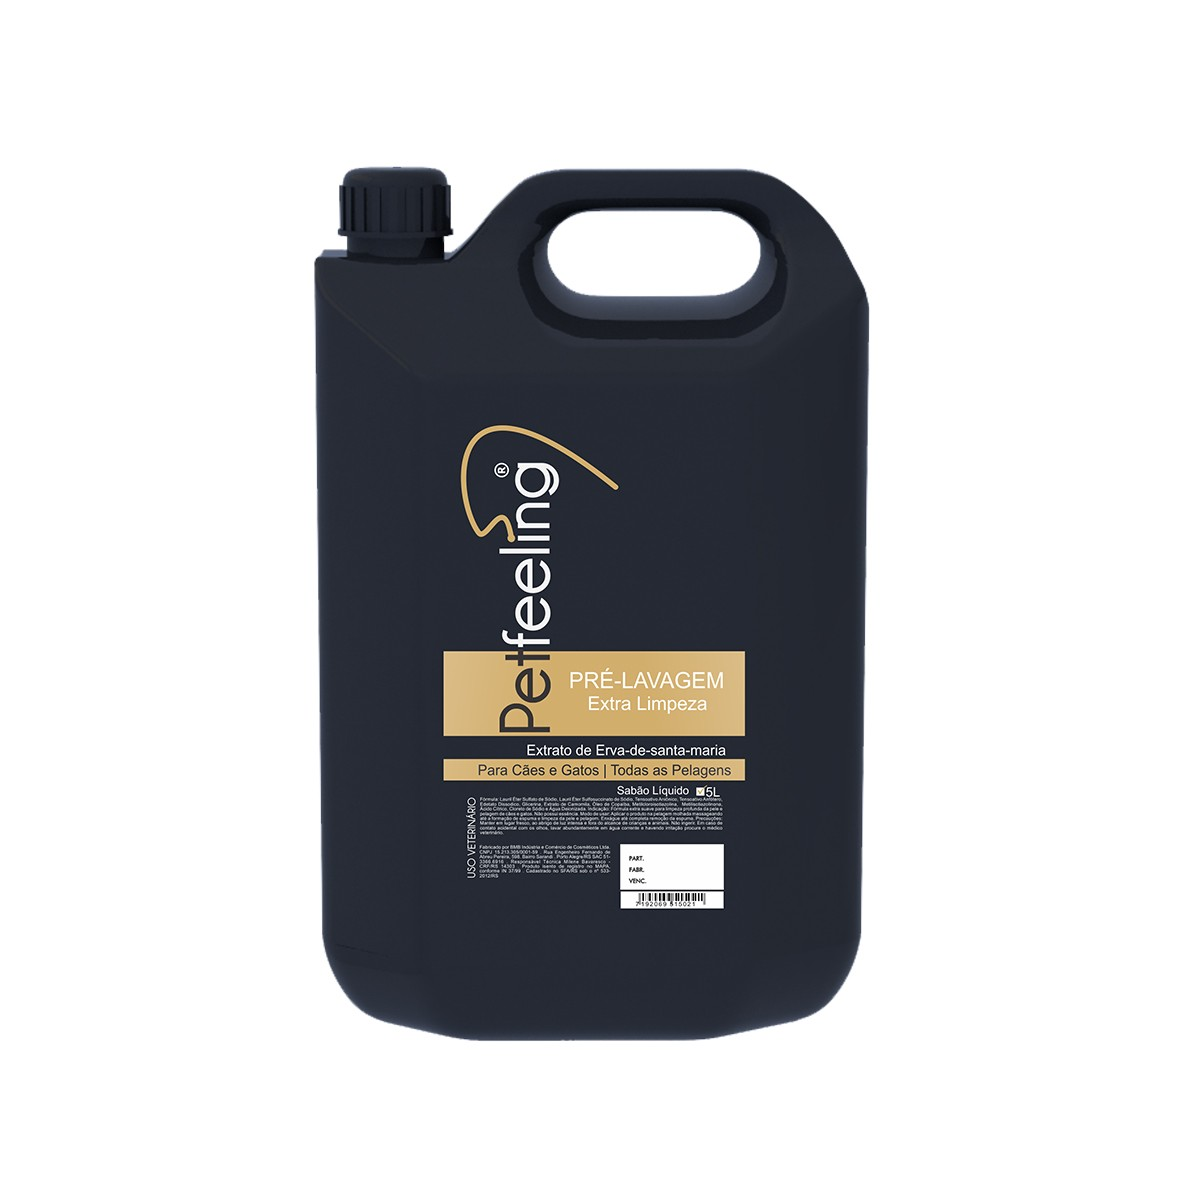 Shampoo Pré Lavagem Extra Limpeza- 5L Petfeeling